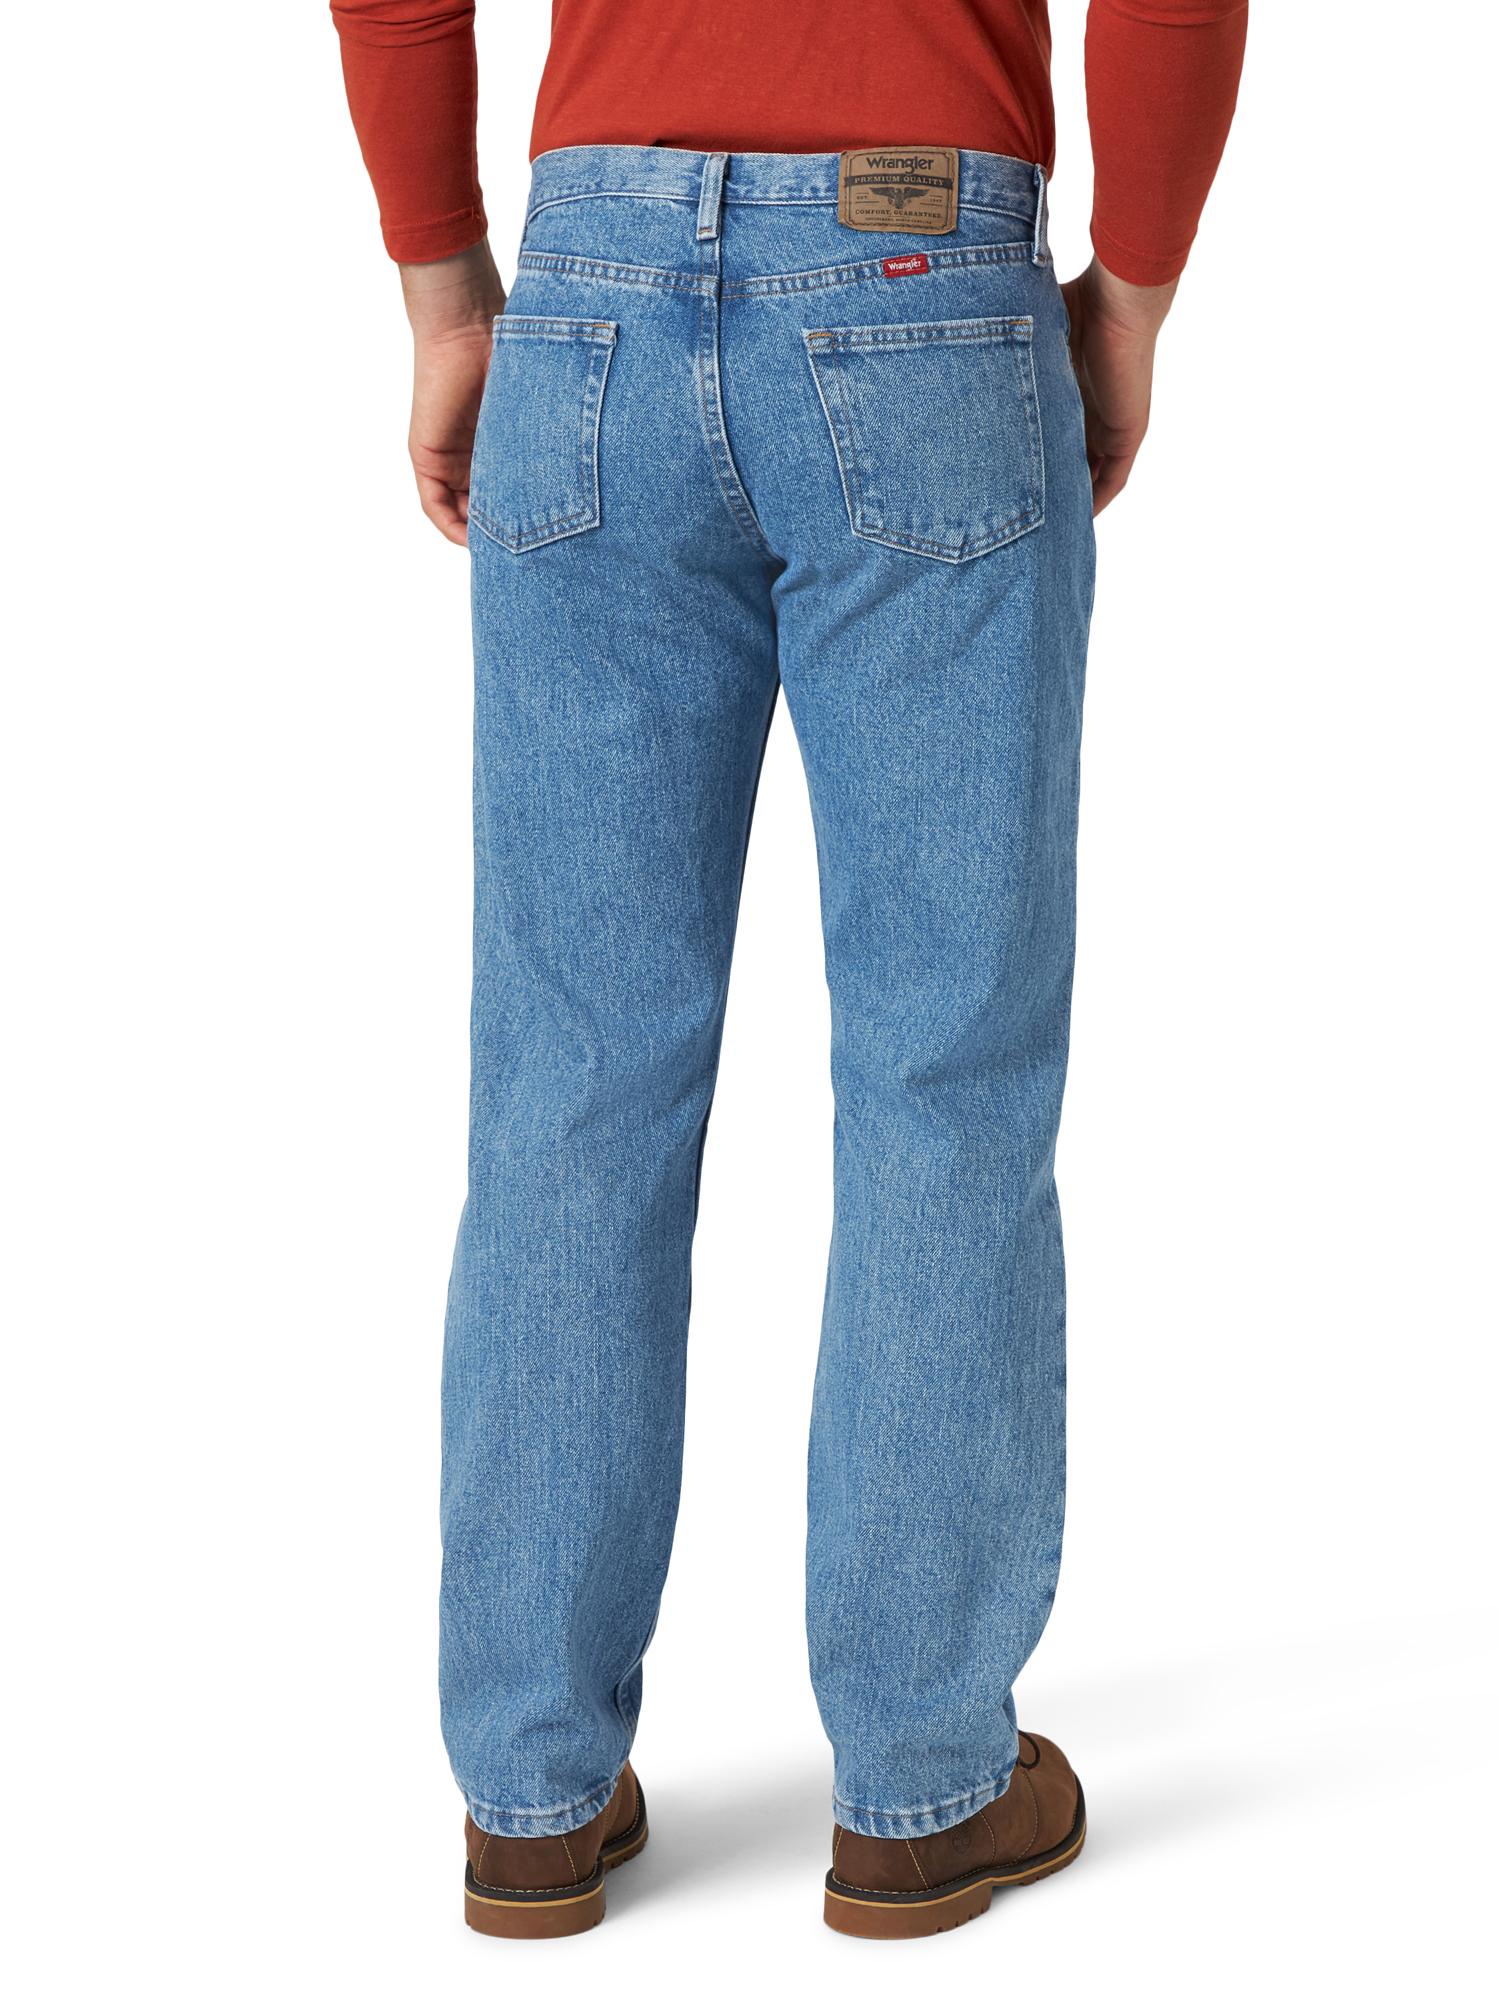 Wrangler [20% Off] Wrangler Big Men's Relaxed Fit Jeans